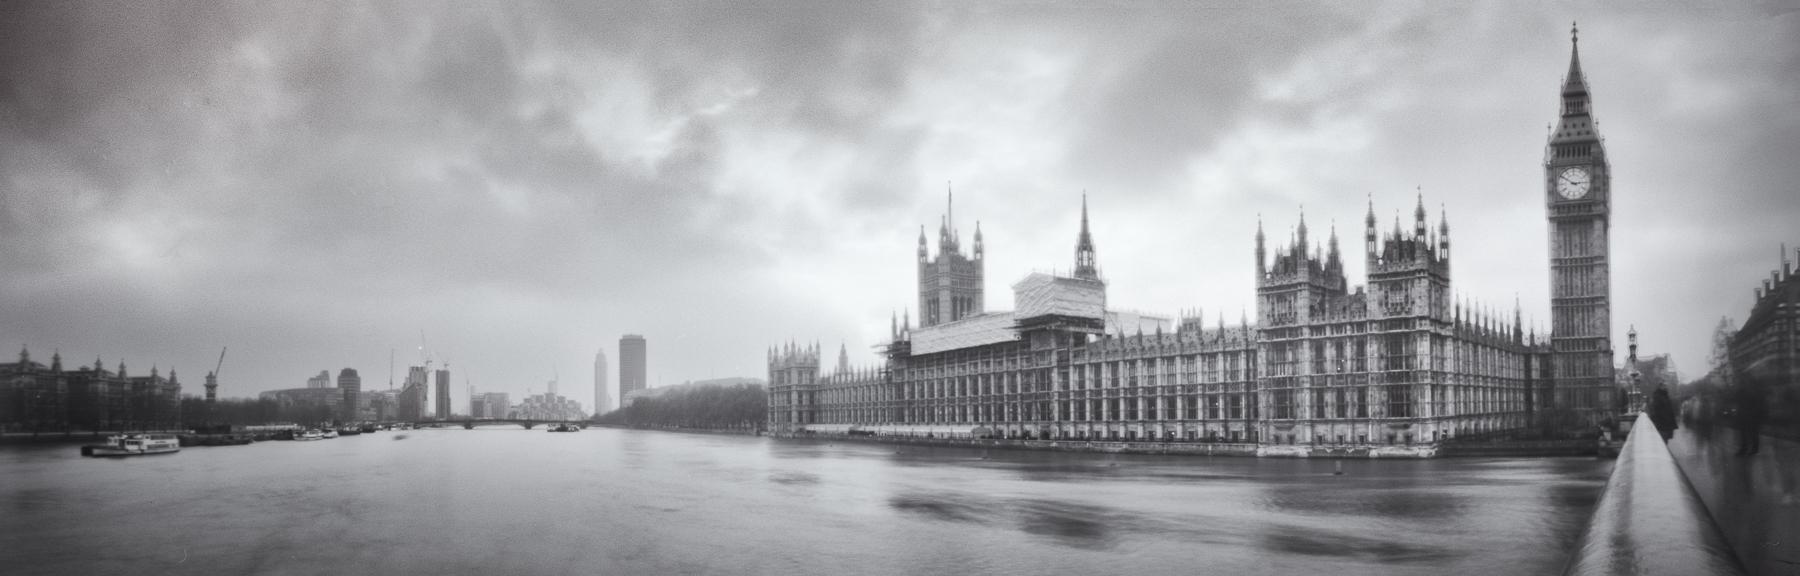 Westminster | Reality So Subtle 617 | Darren Rose